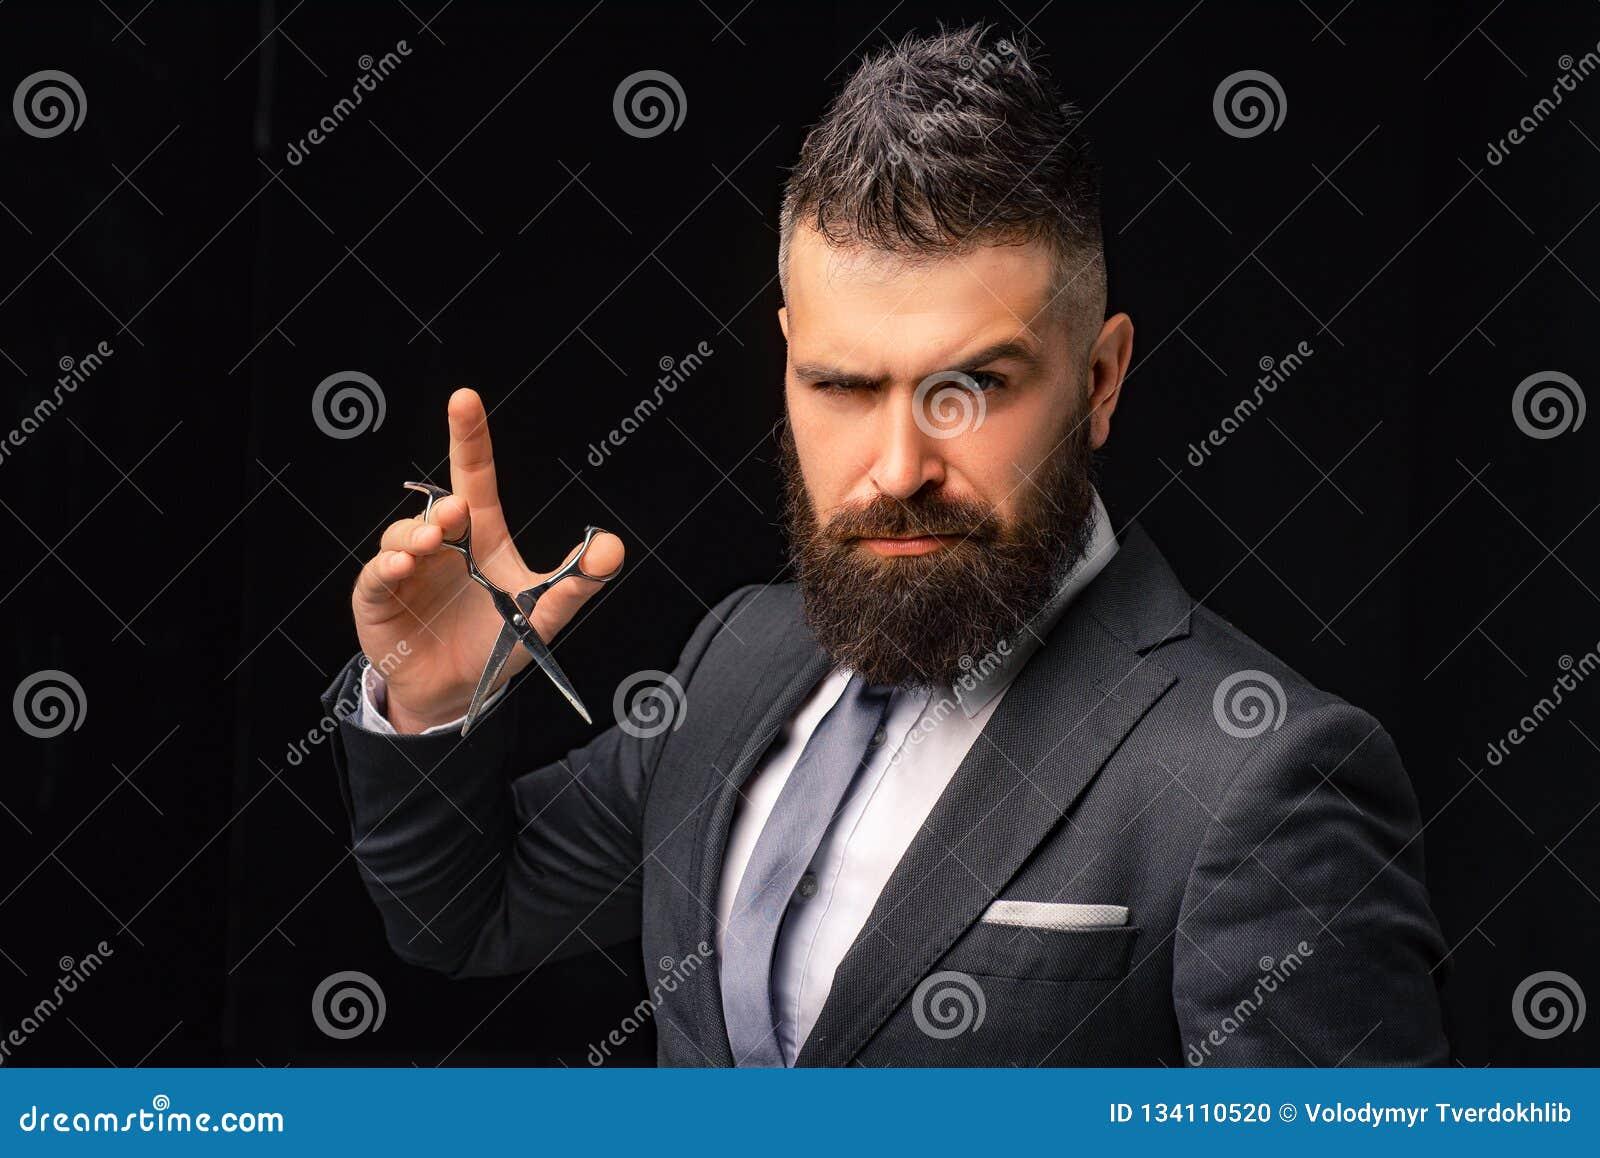 Barbershop Hair Salon And Barber Vintage Barber On Black